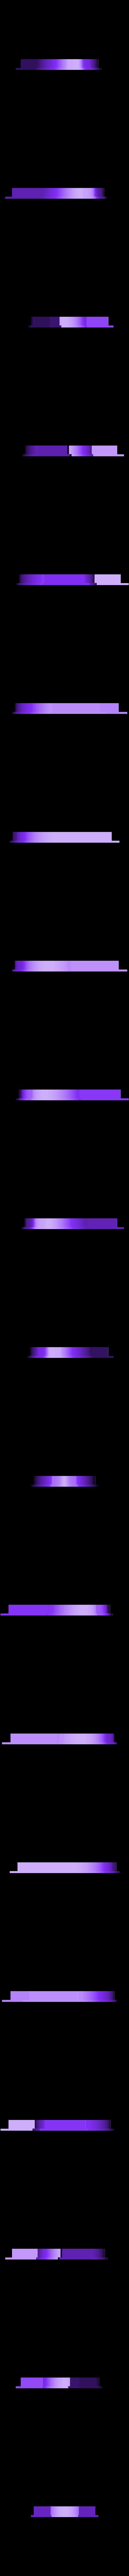 Batman Cara 60x95mm.stl Télécharger fichier STL gratuit Coupe-biscuits Batman • Modèle imprimable en 3D, insua_lucas